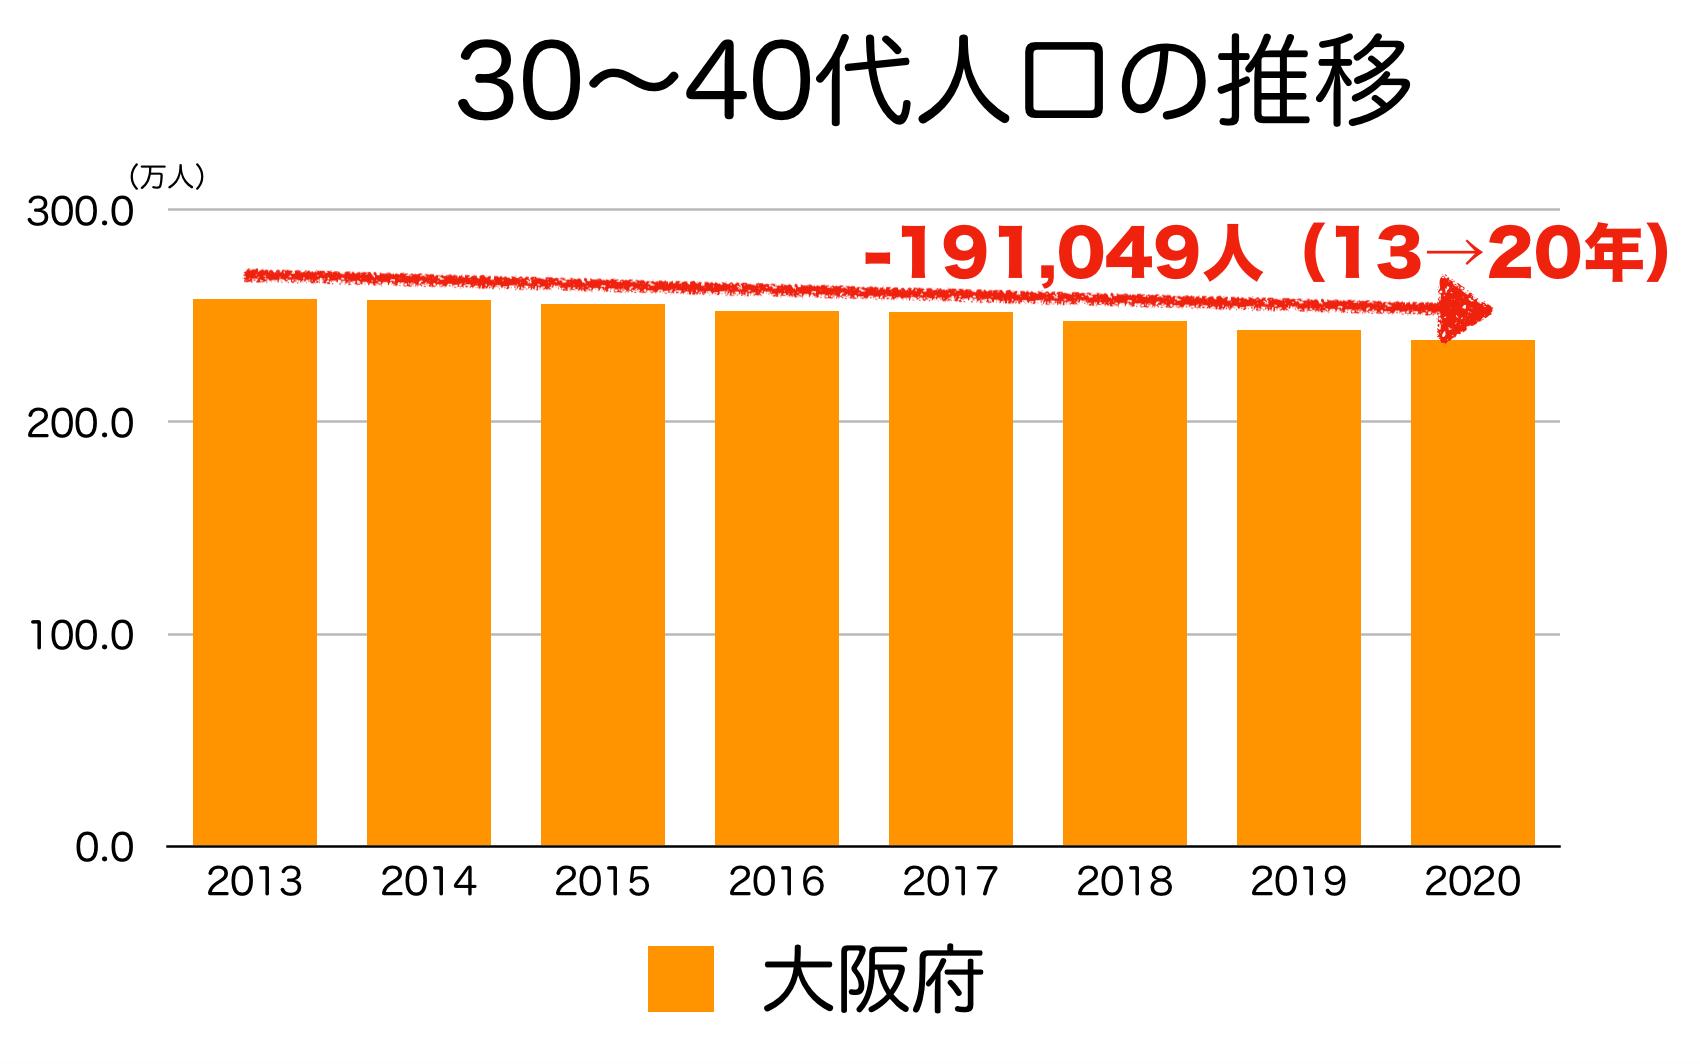 大阪府の30〜40代人口の推移